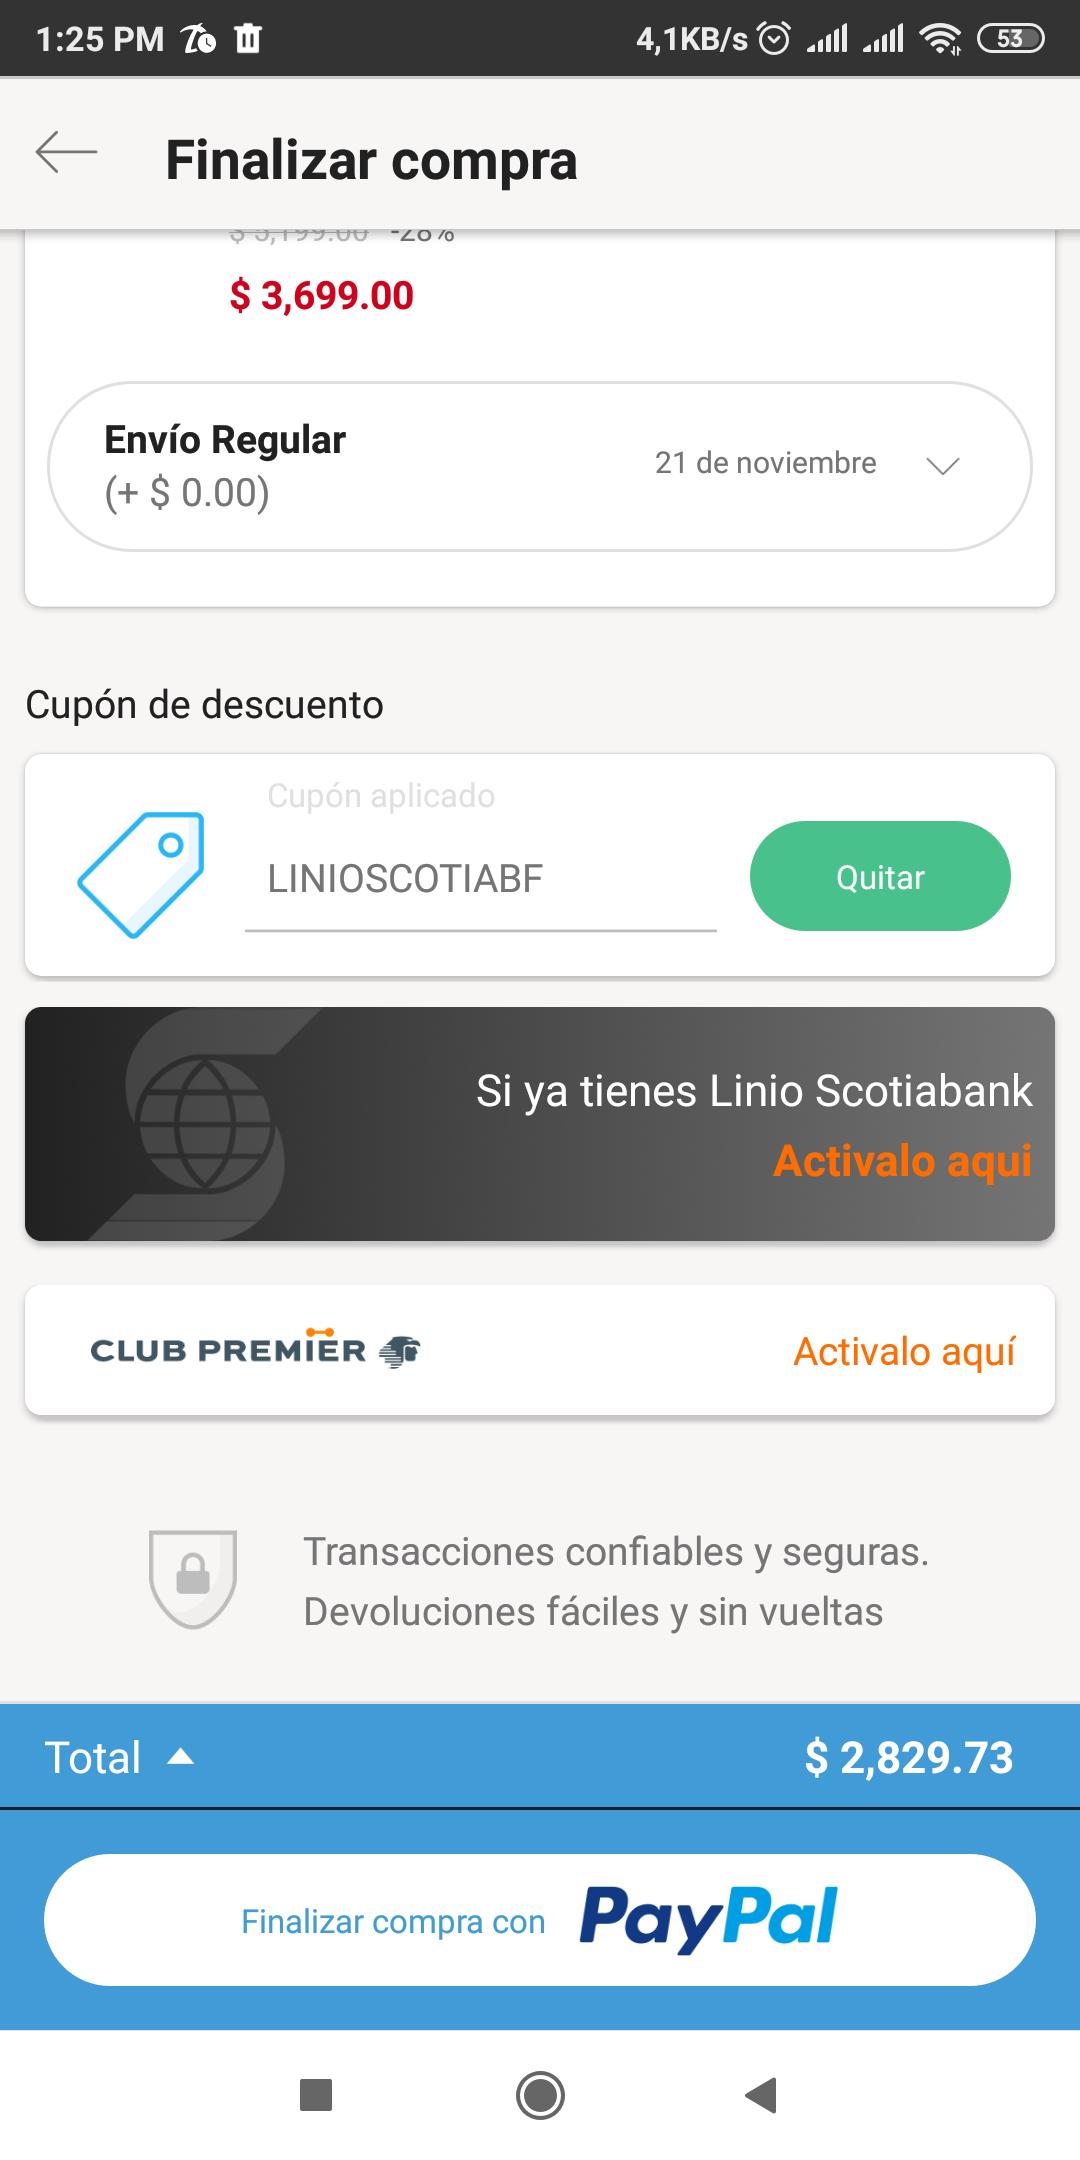 Linio: Redmi note 8 3-32 gb envio nacional (pagando con Paypal)